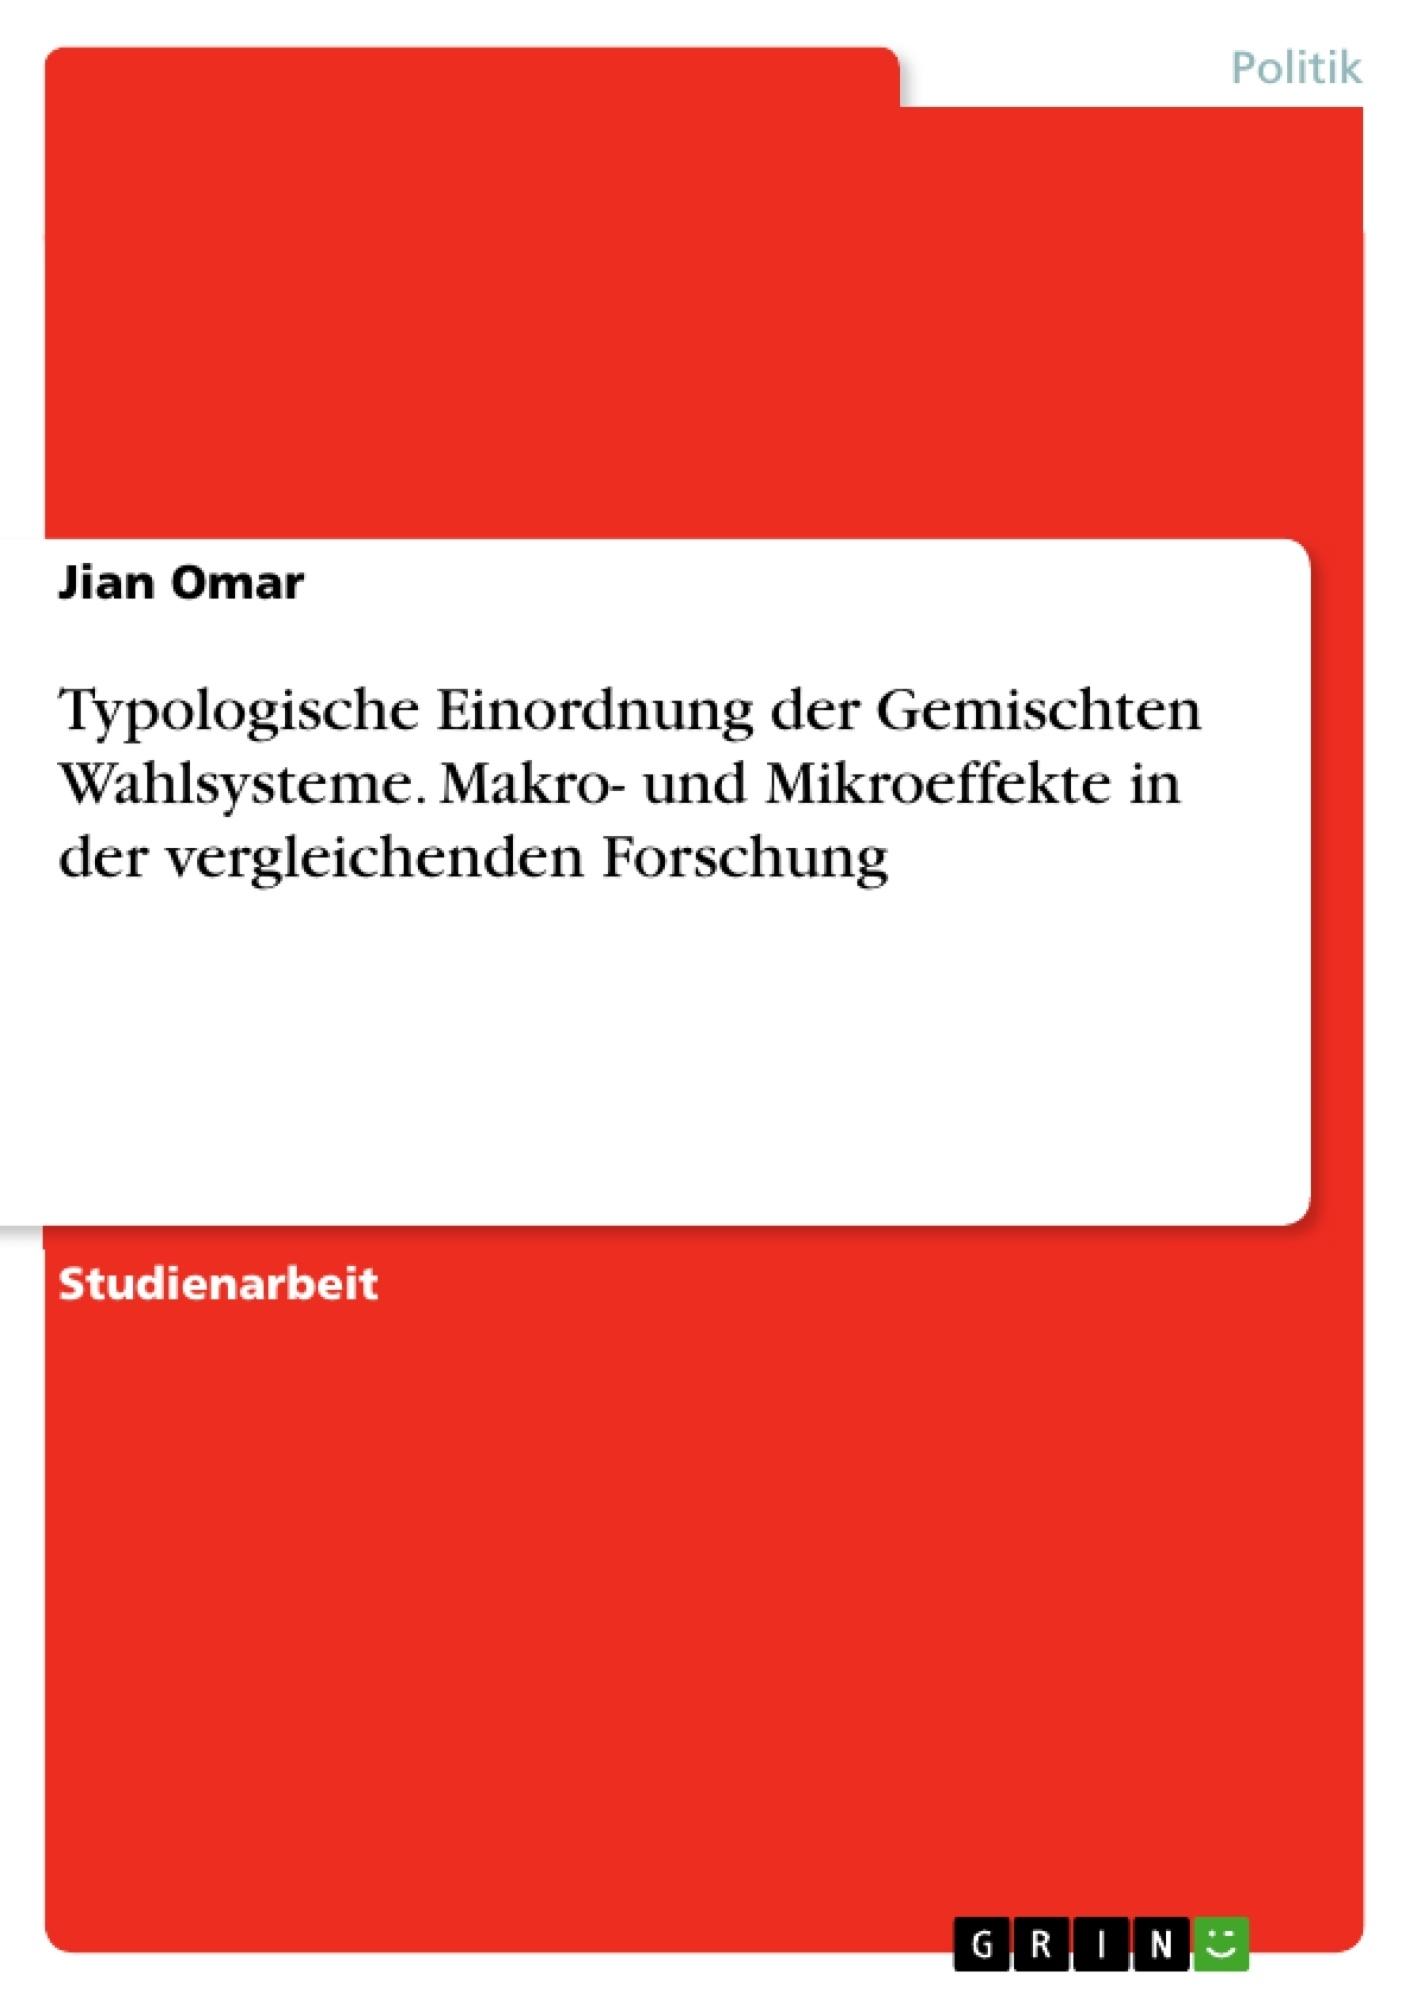 Titel: Typologische Einordnung der Gemischten Wahlsysteme. Makro- und Mikroeffekte in der vergleichenden Forschung